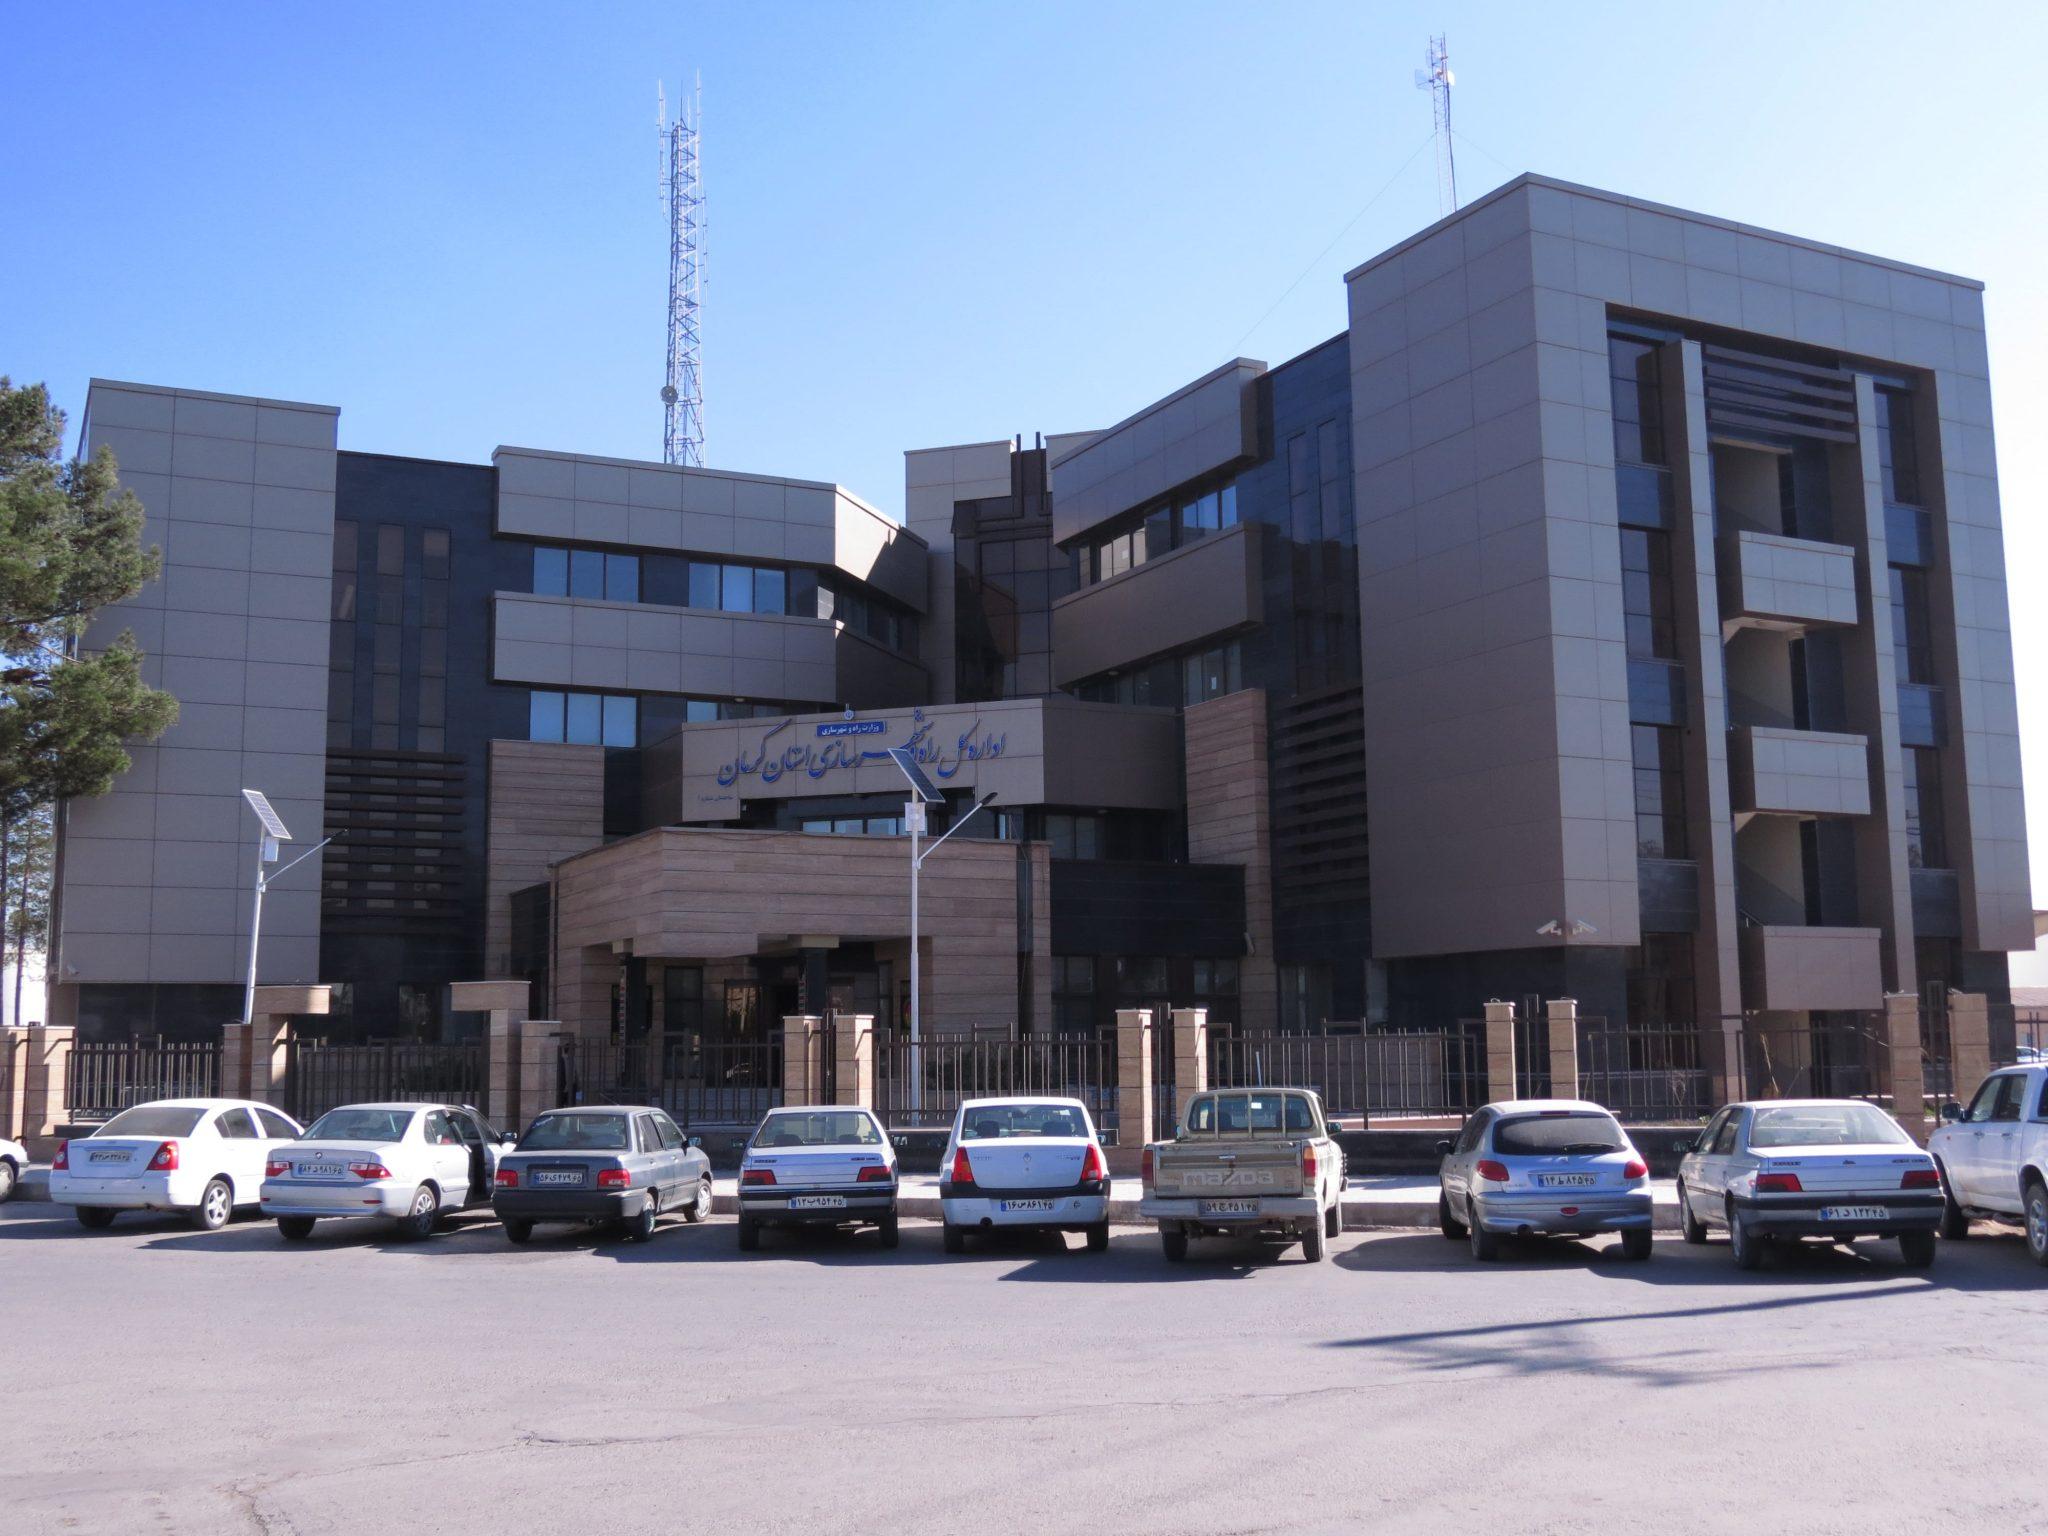 ساختمان اداره کل راه و شهرسازی استان کرمان ساخت شرکت جهاد نصر کرمان